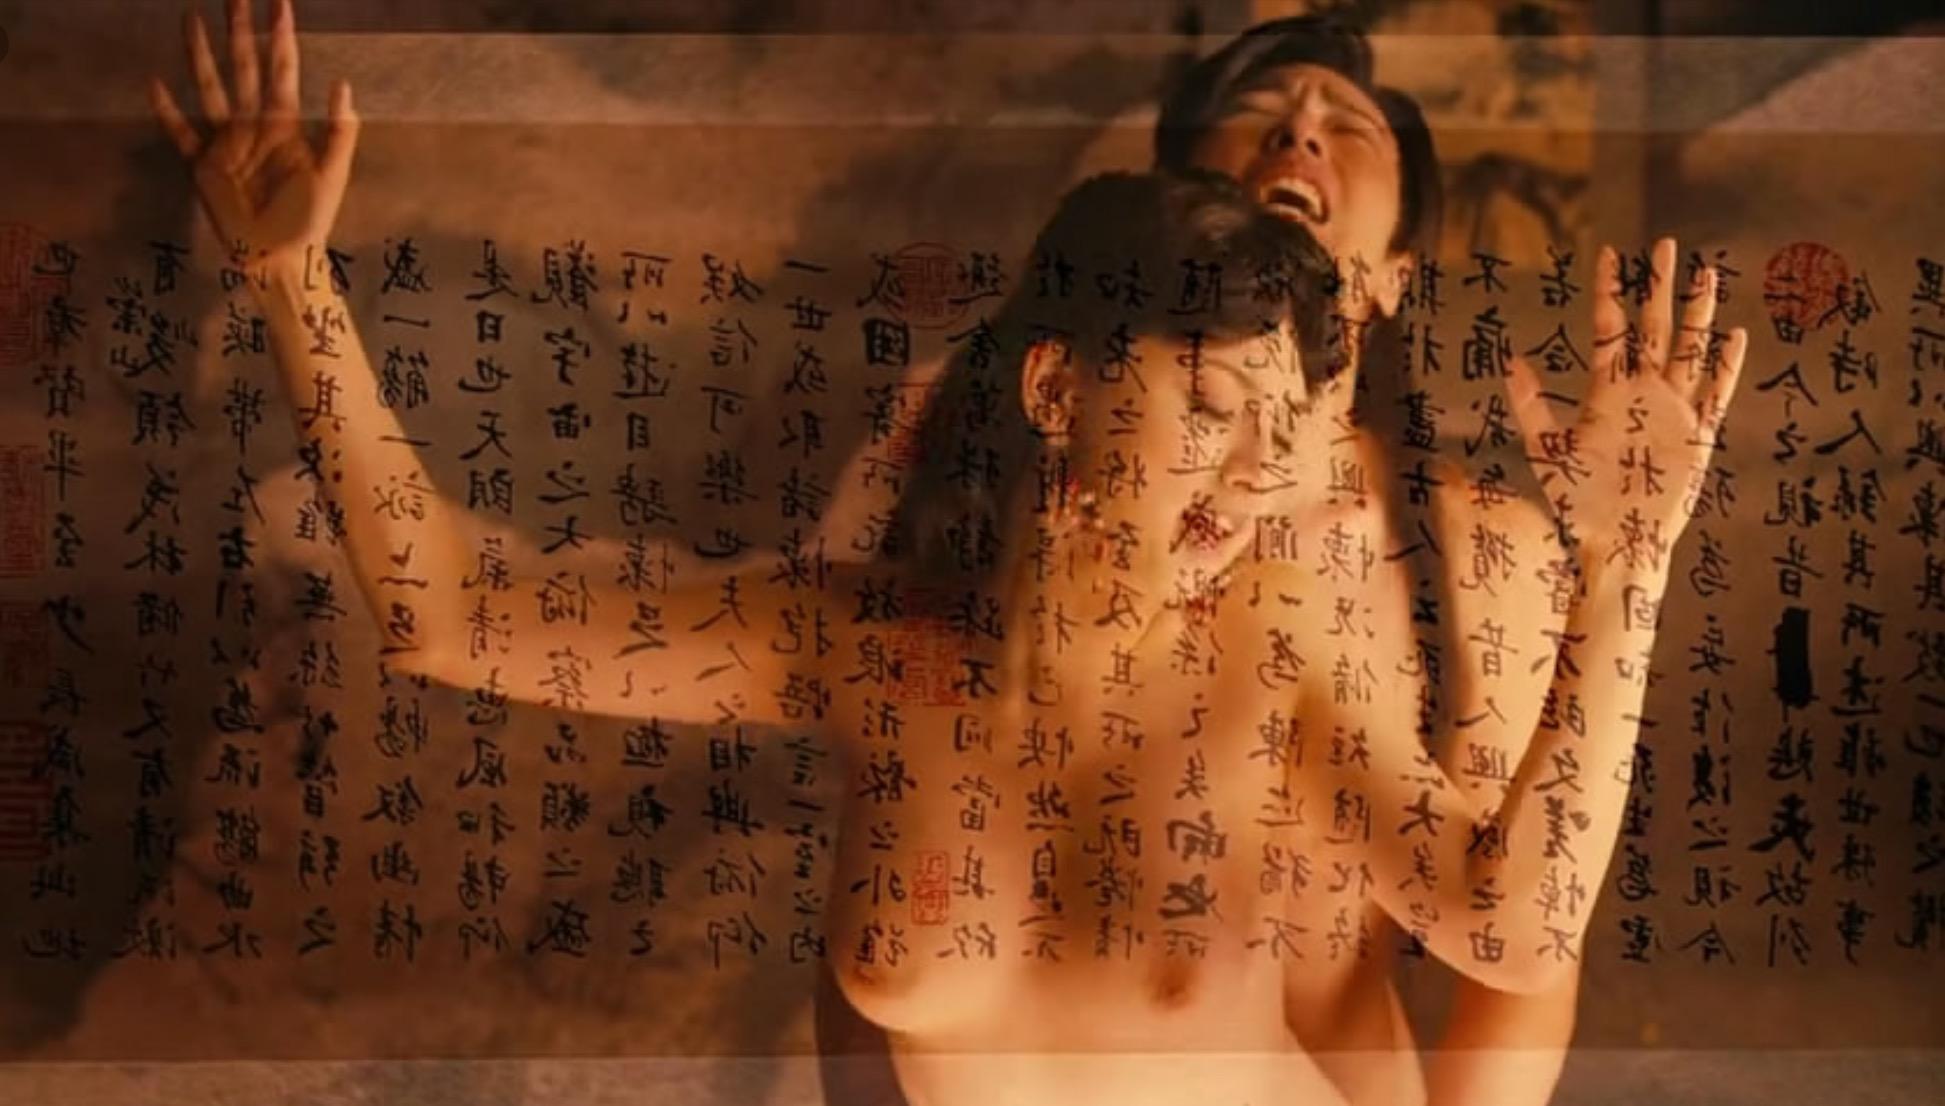 seks-po-kitayskiy-filmi-korotkie-porno-roliki-seks-v-losinah-russkiy